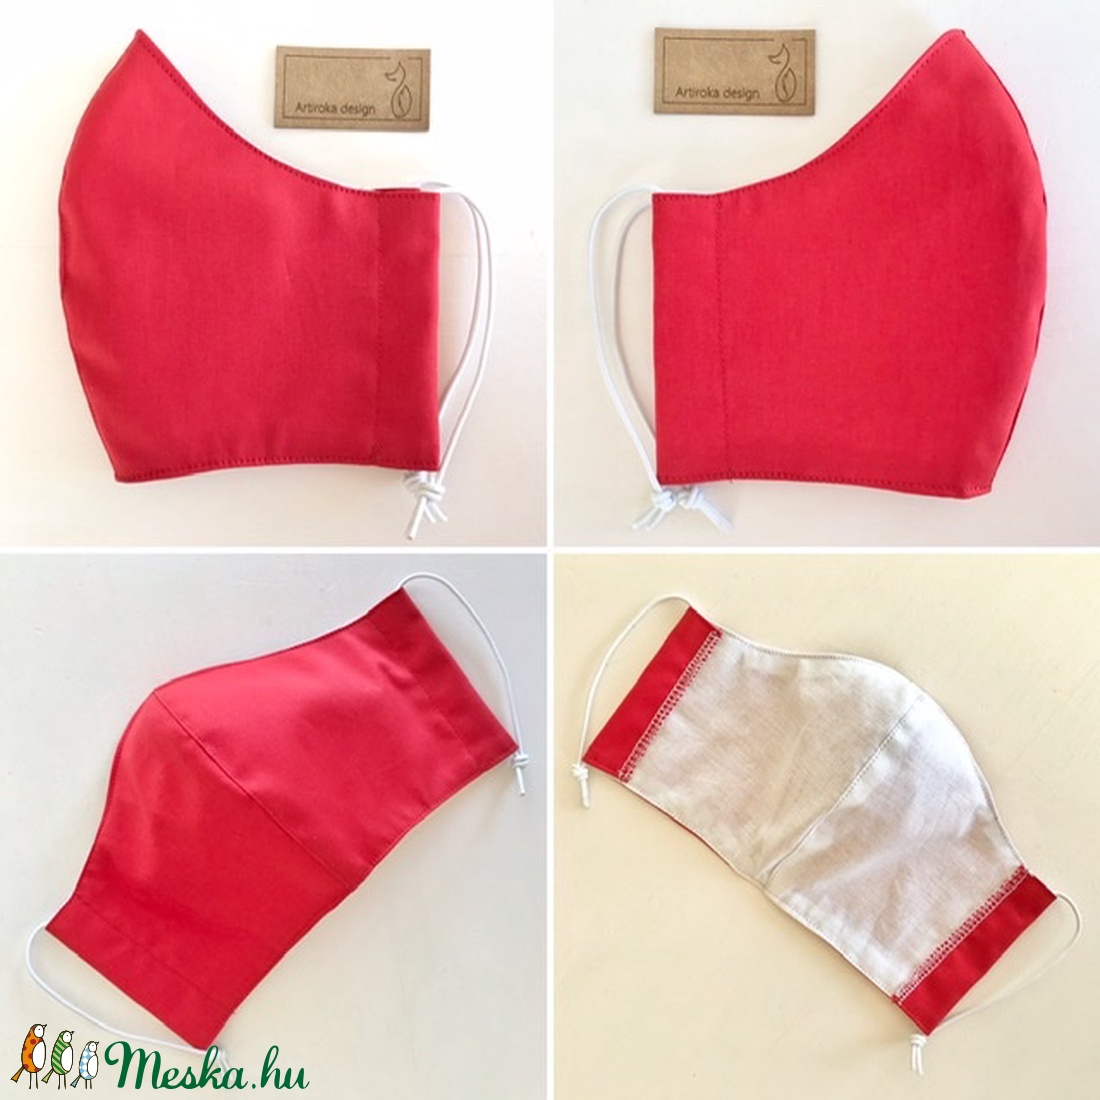 Egyszínű,  piros szájmaszk, maszk, gyerekmaszk - Artiroka design - ruha & divat - Meska.hu